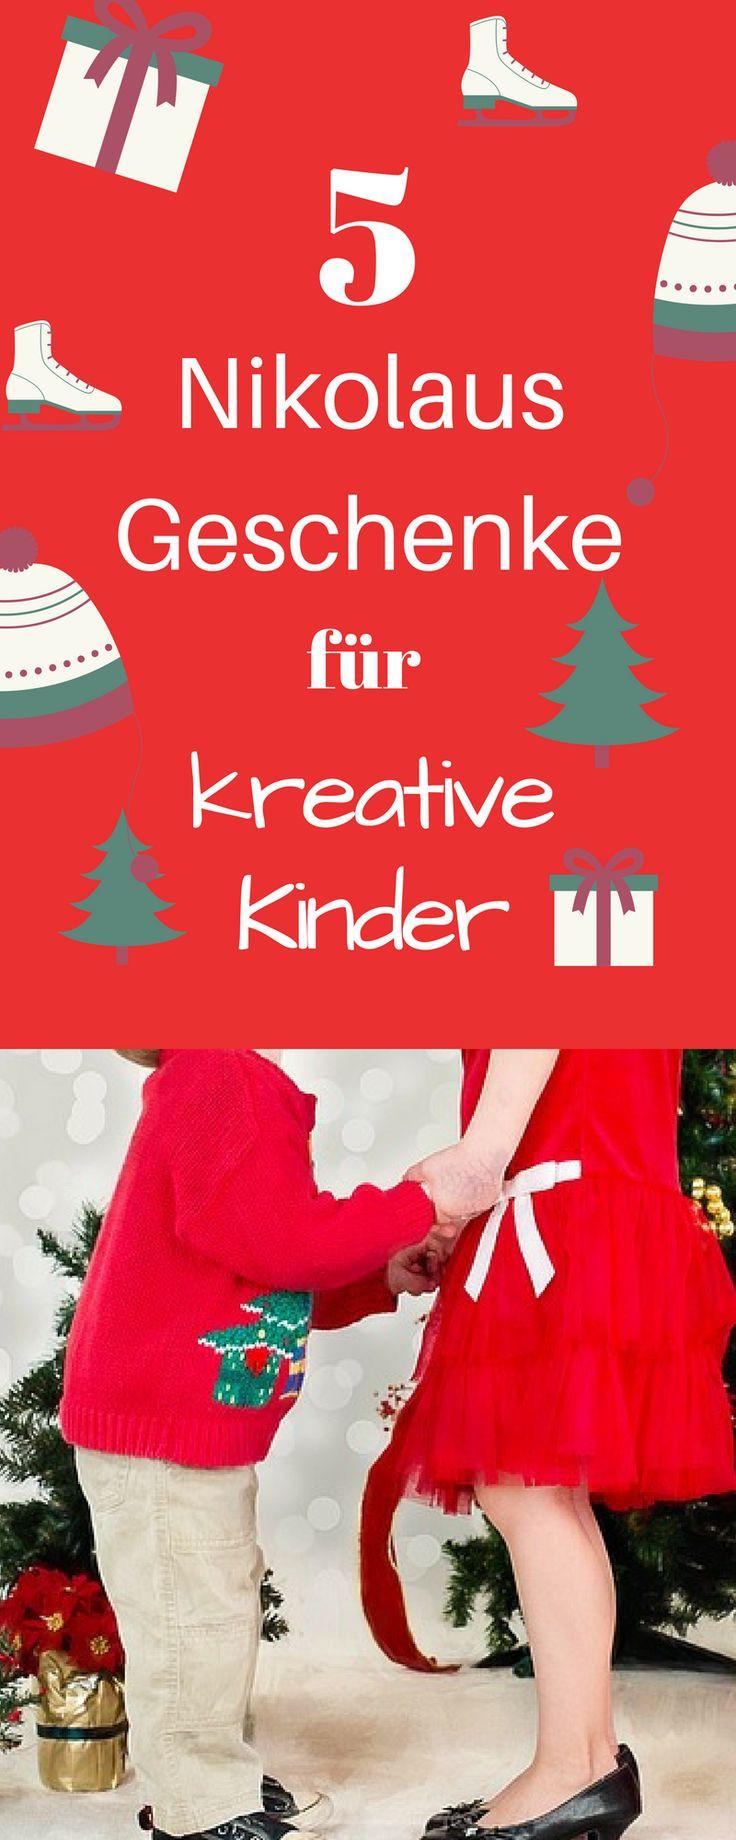 Nikolaus Geschenke Ideen  25 einzigartige Lustige geschenke selber machen Ideen auf